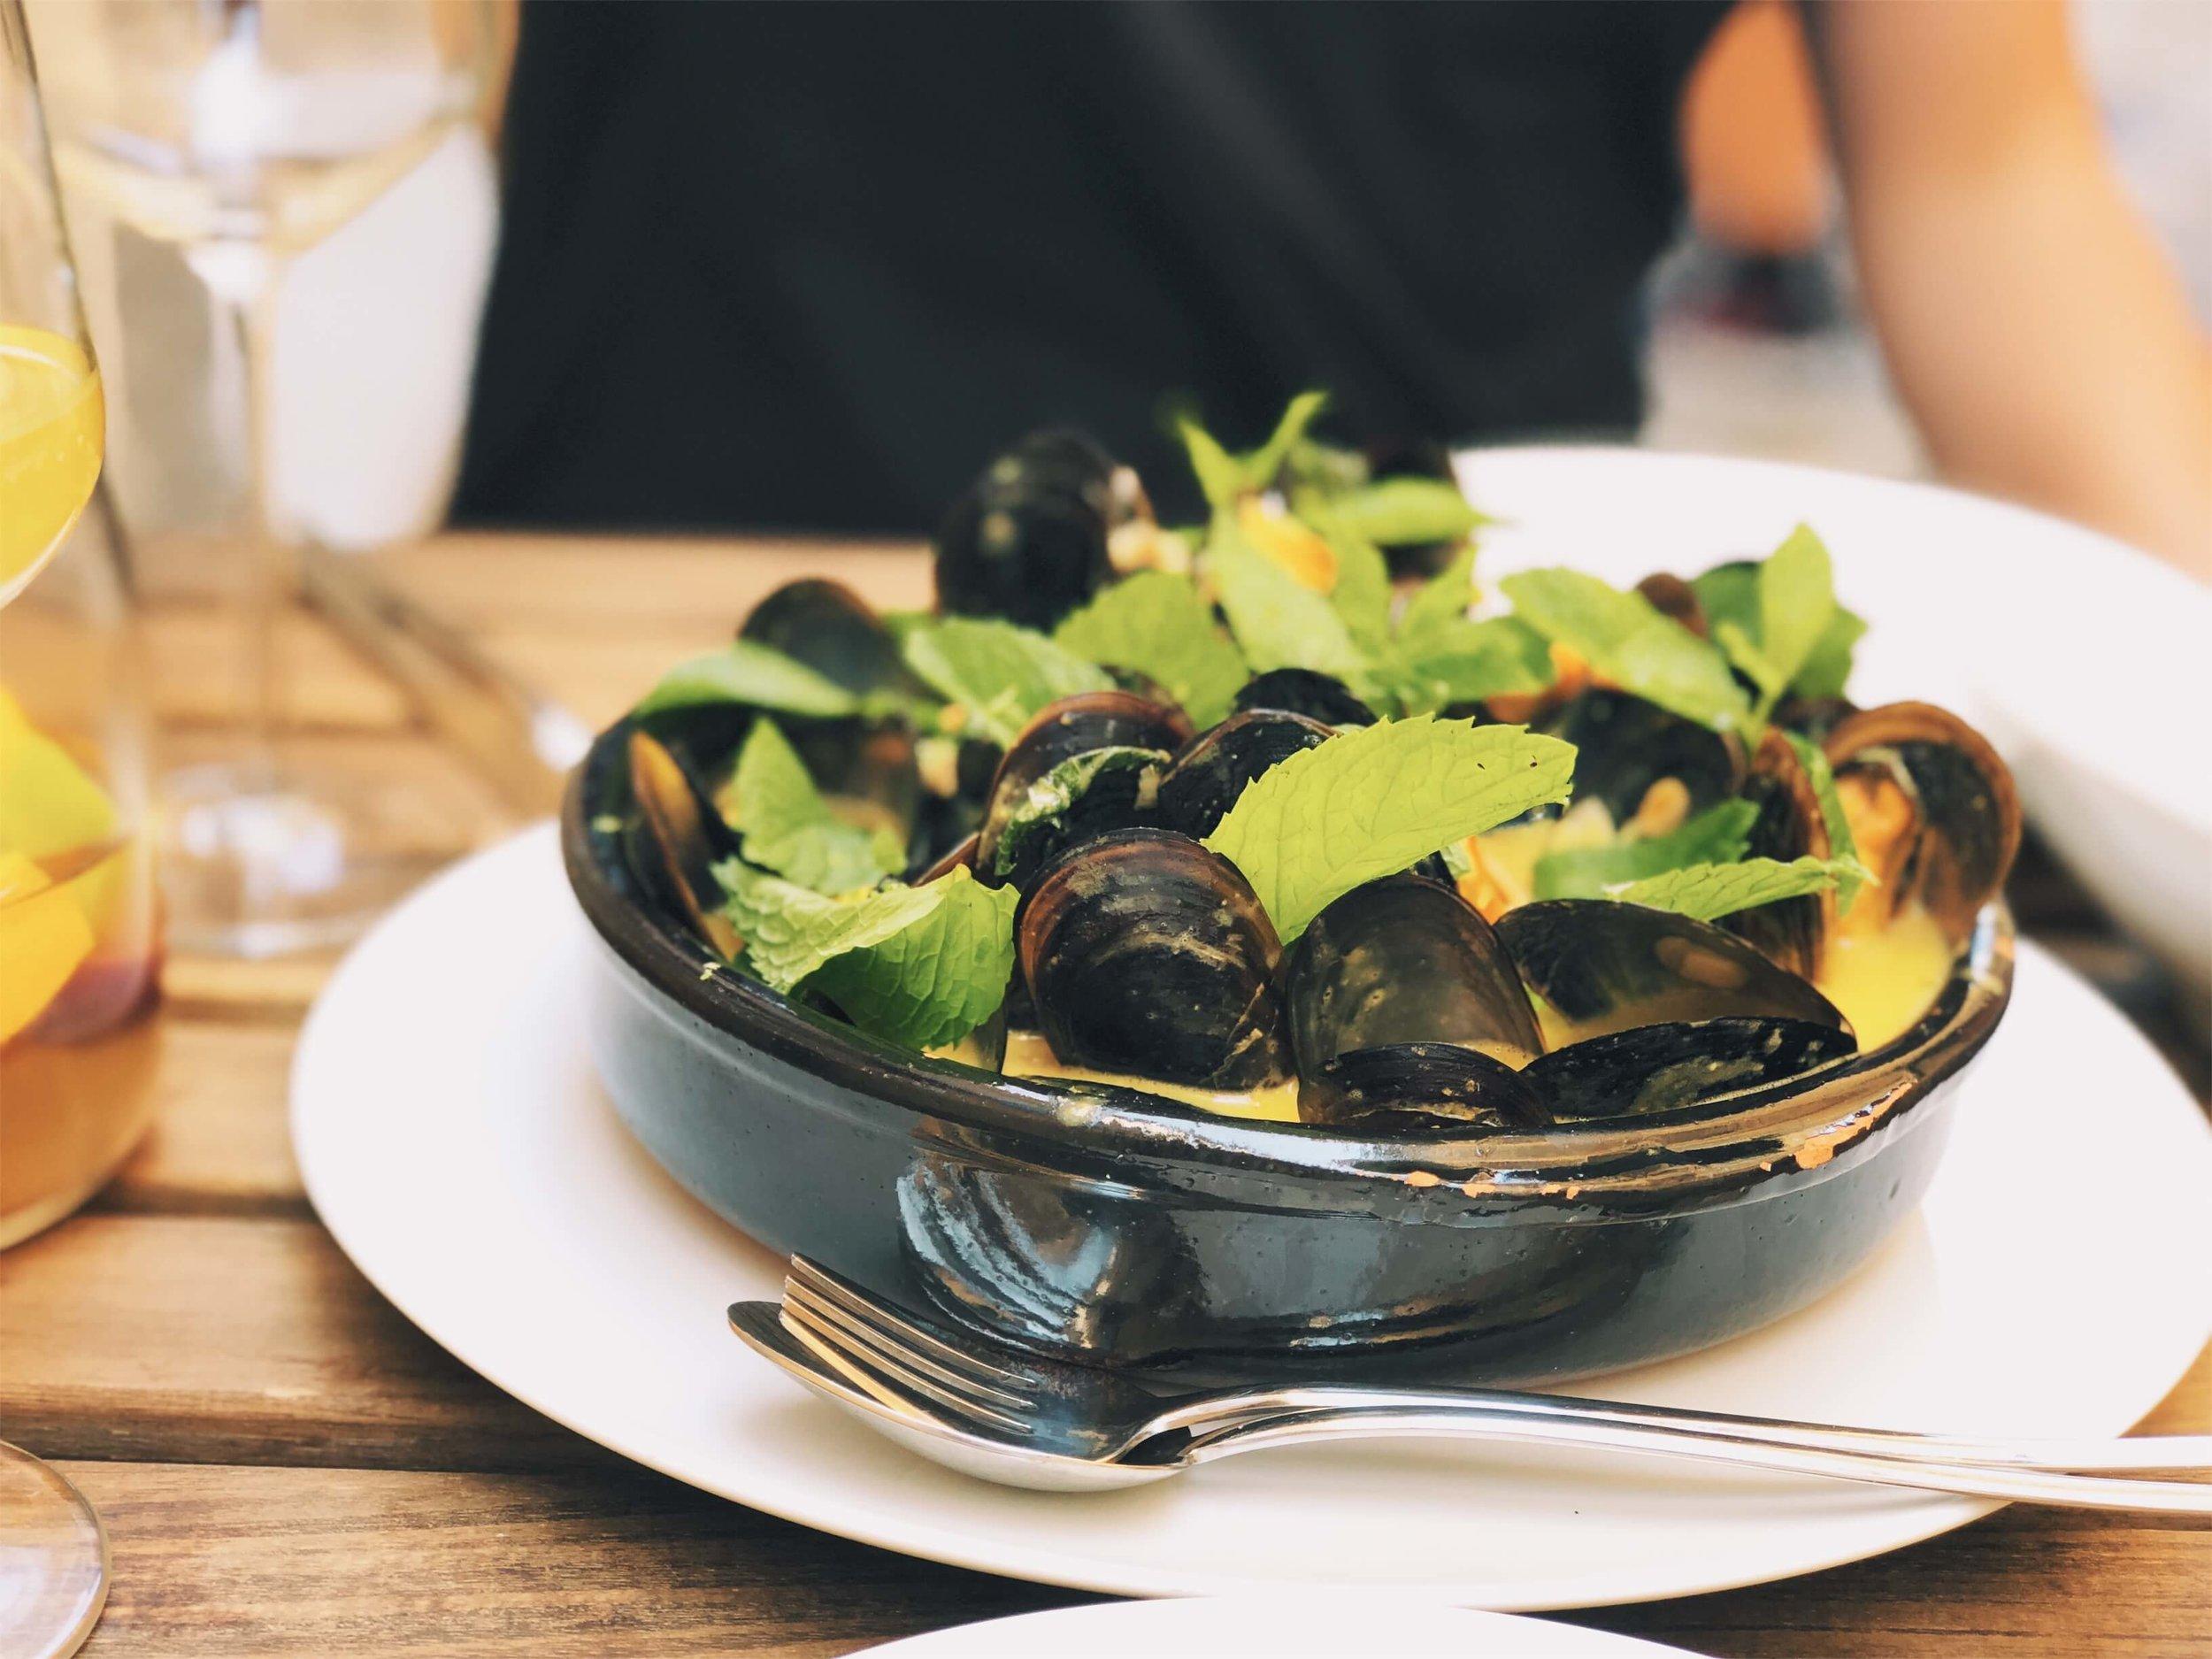 mussels at Muro Velho tapas restaurant